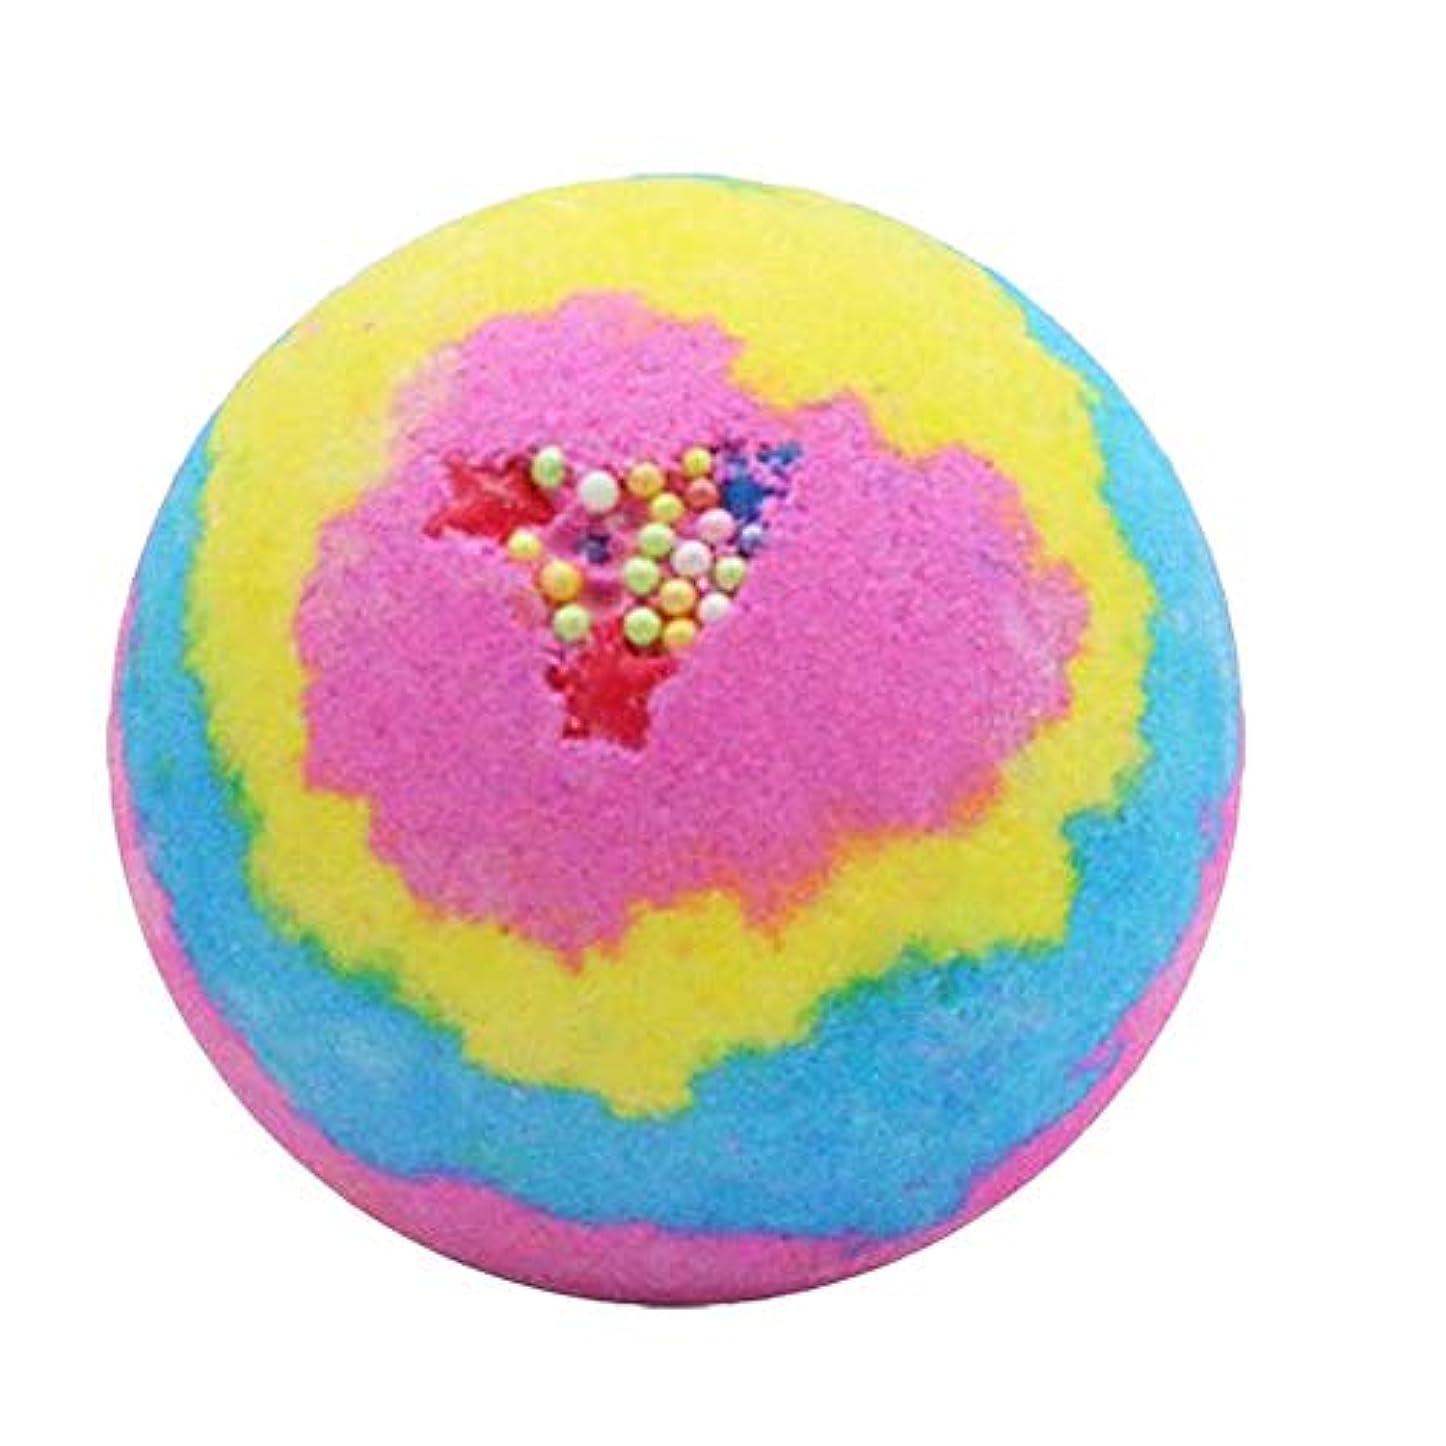 マージン救援クレタRETYLY レインボー ローズ入浴ボムズボール、スパ 誕生日プレゼント 潤いを与えます 女性のため、彼女のためのバスボムギフト